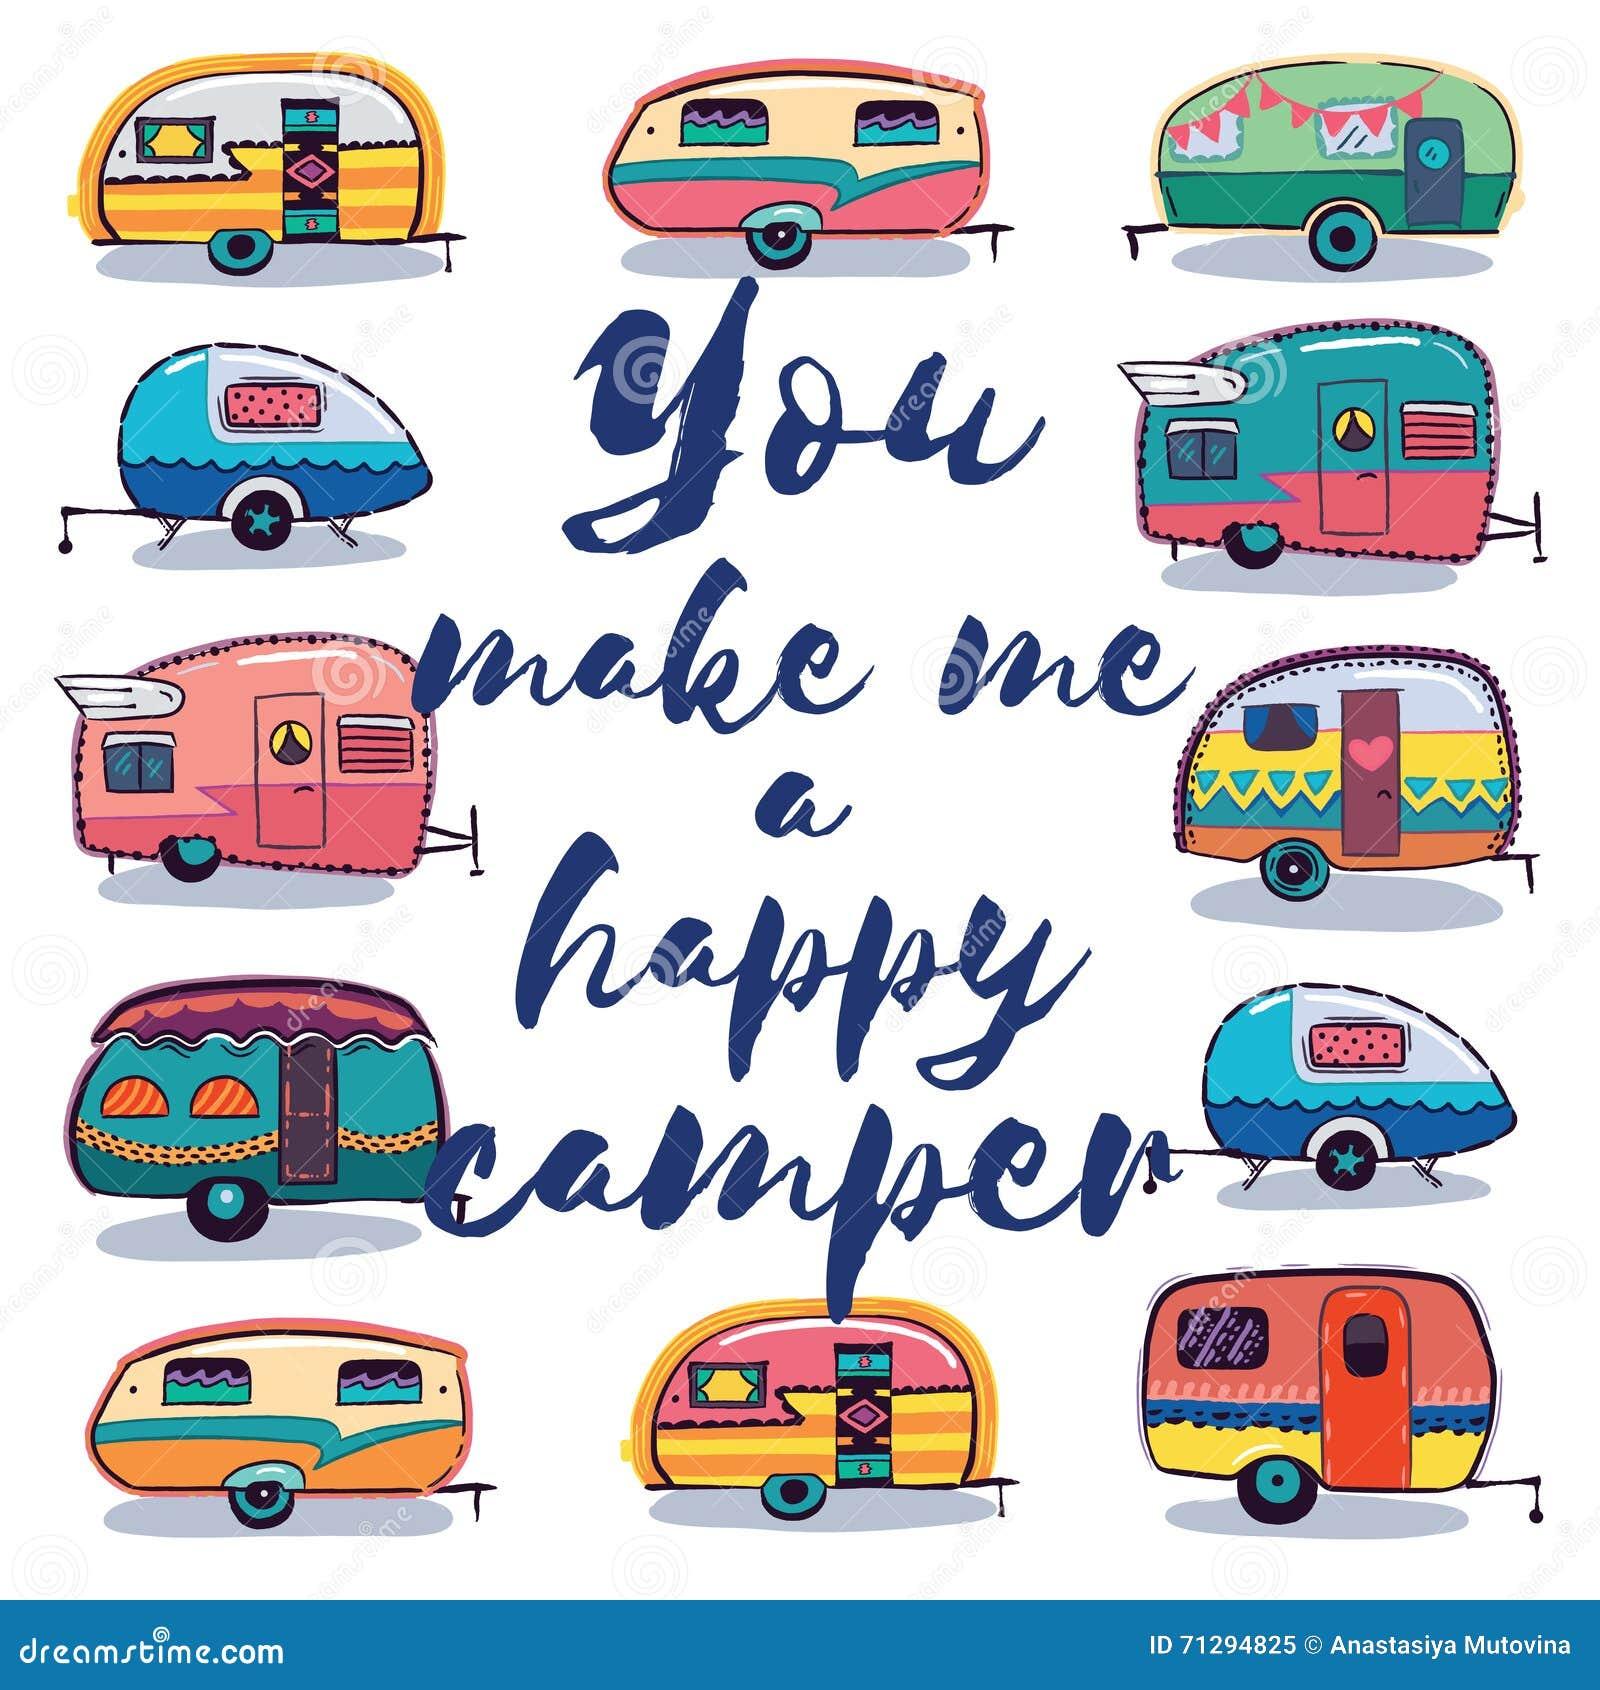 You Make Me A Happy Camper Card Retro Fun